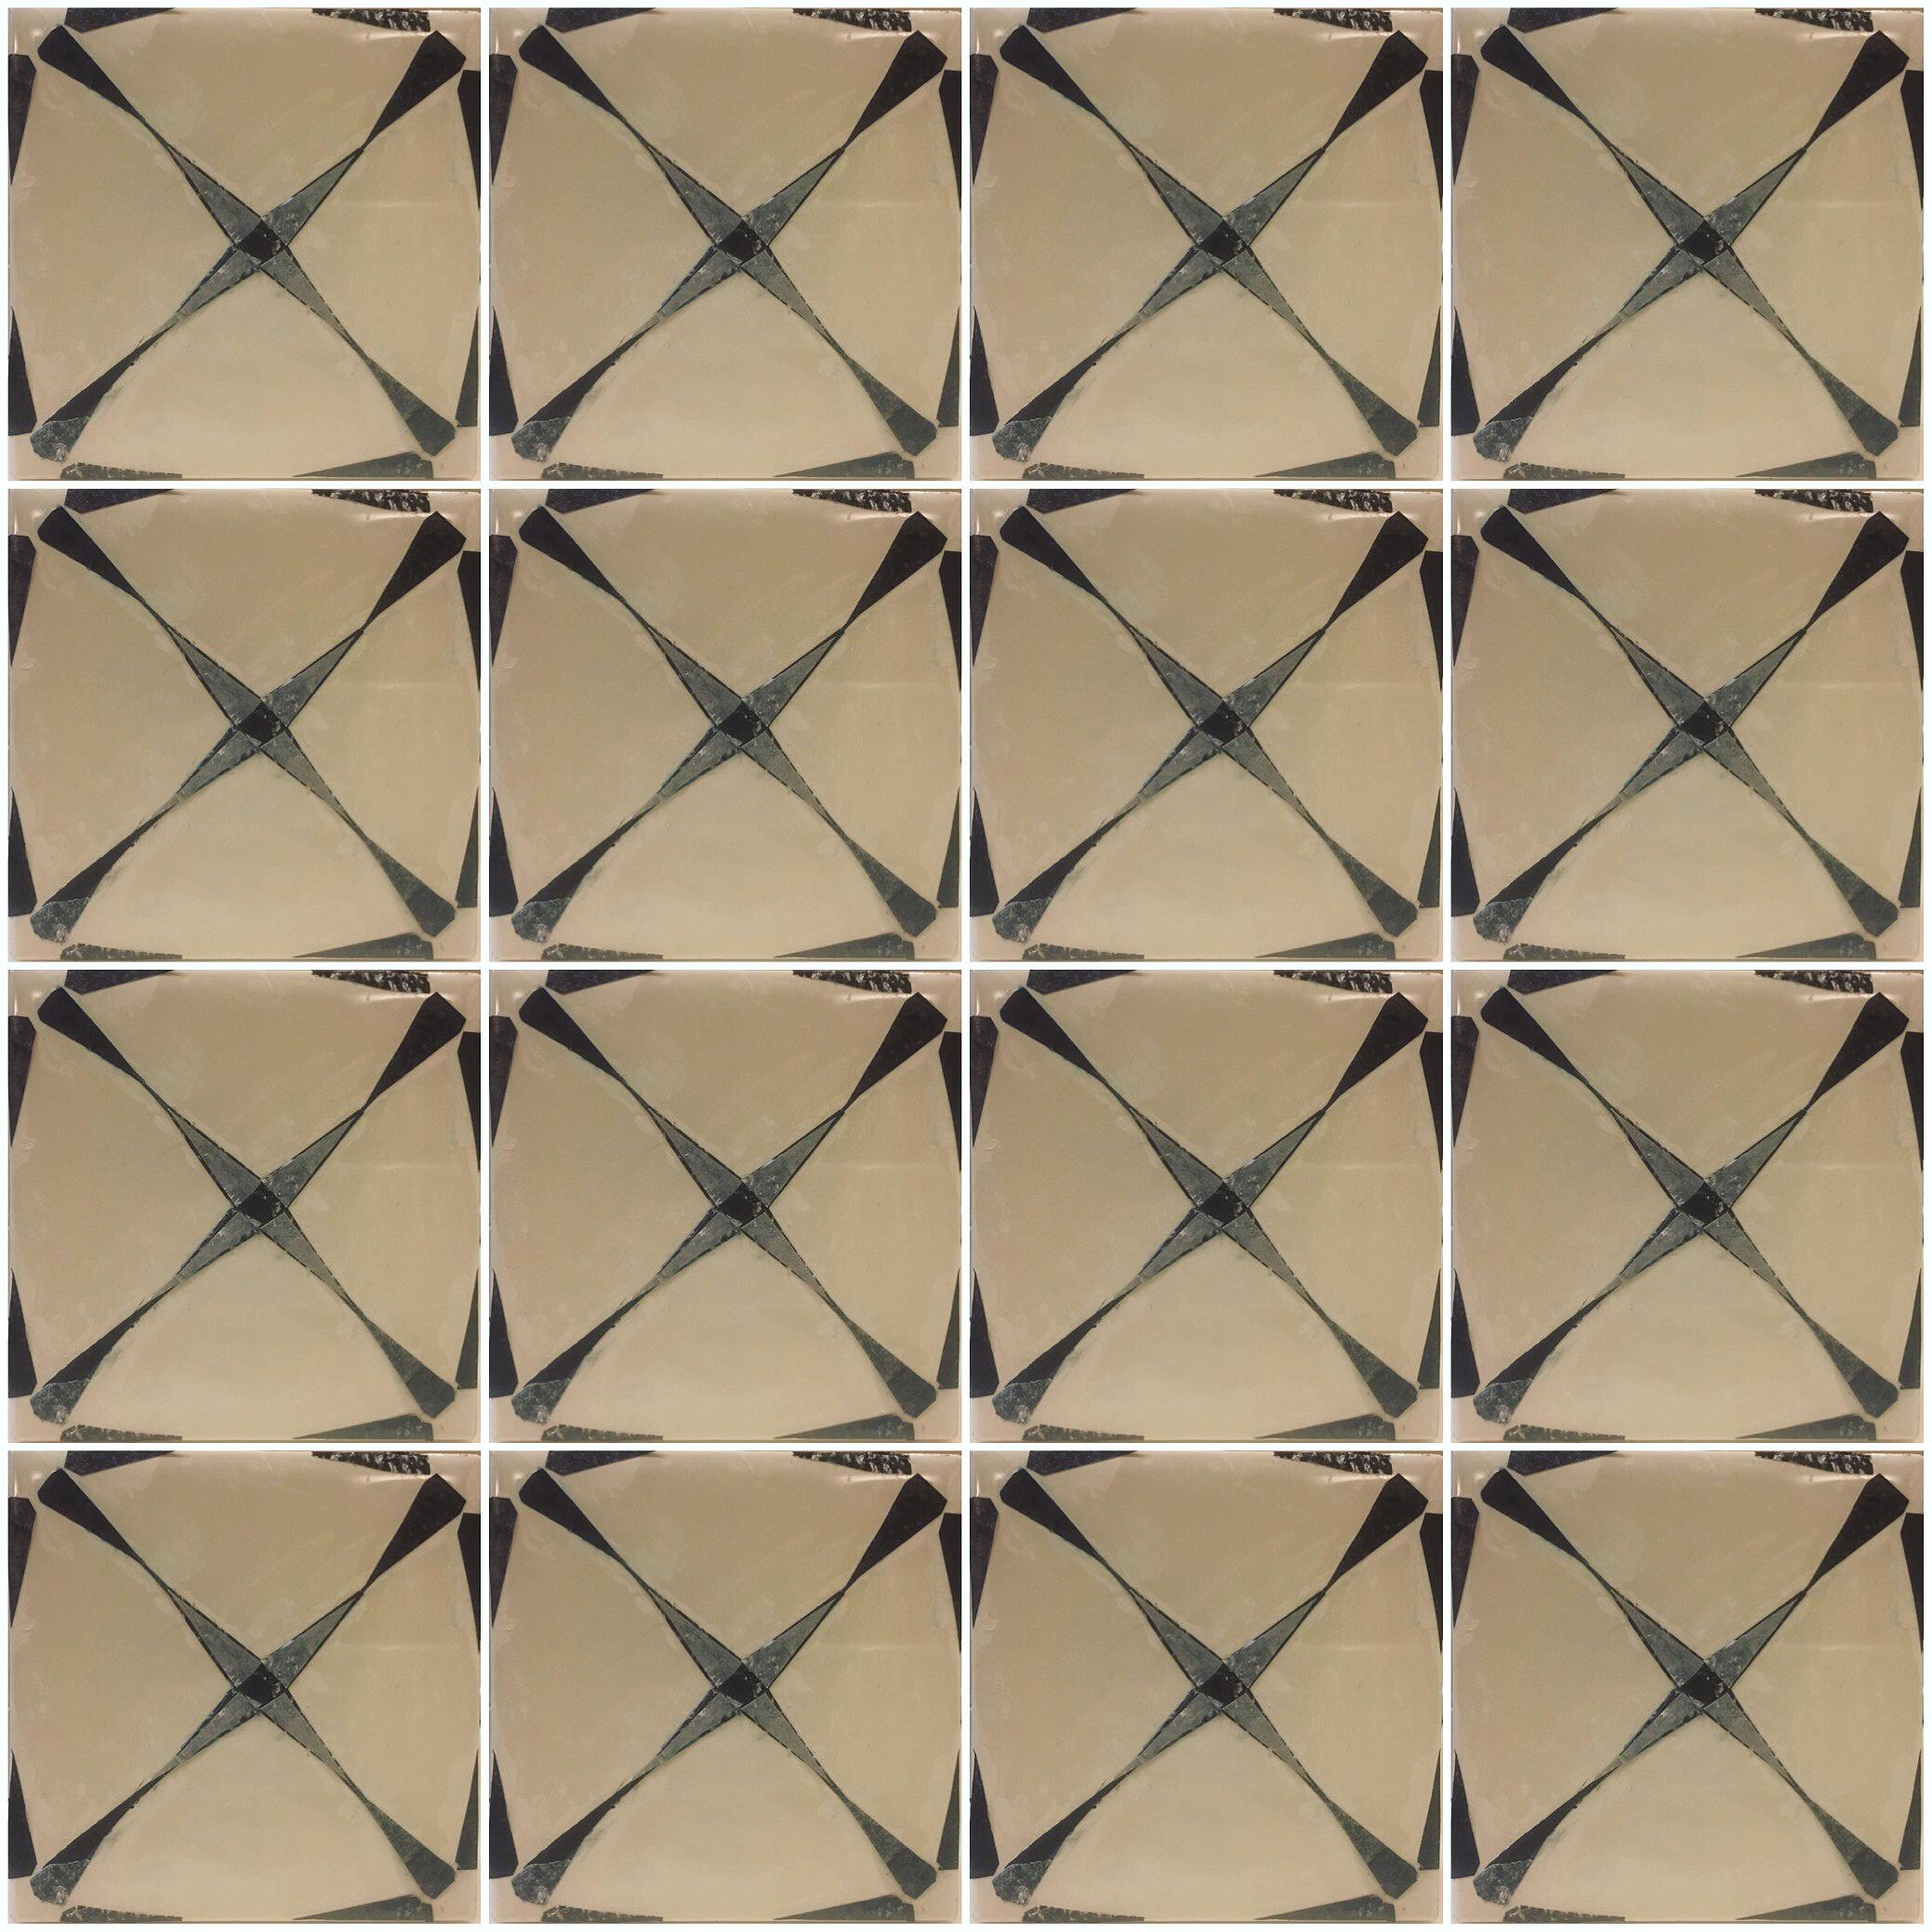 black geo tile repeat.JPG